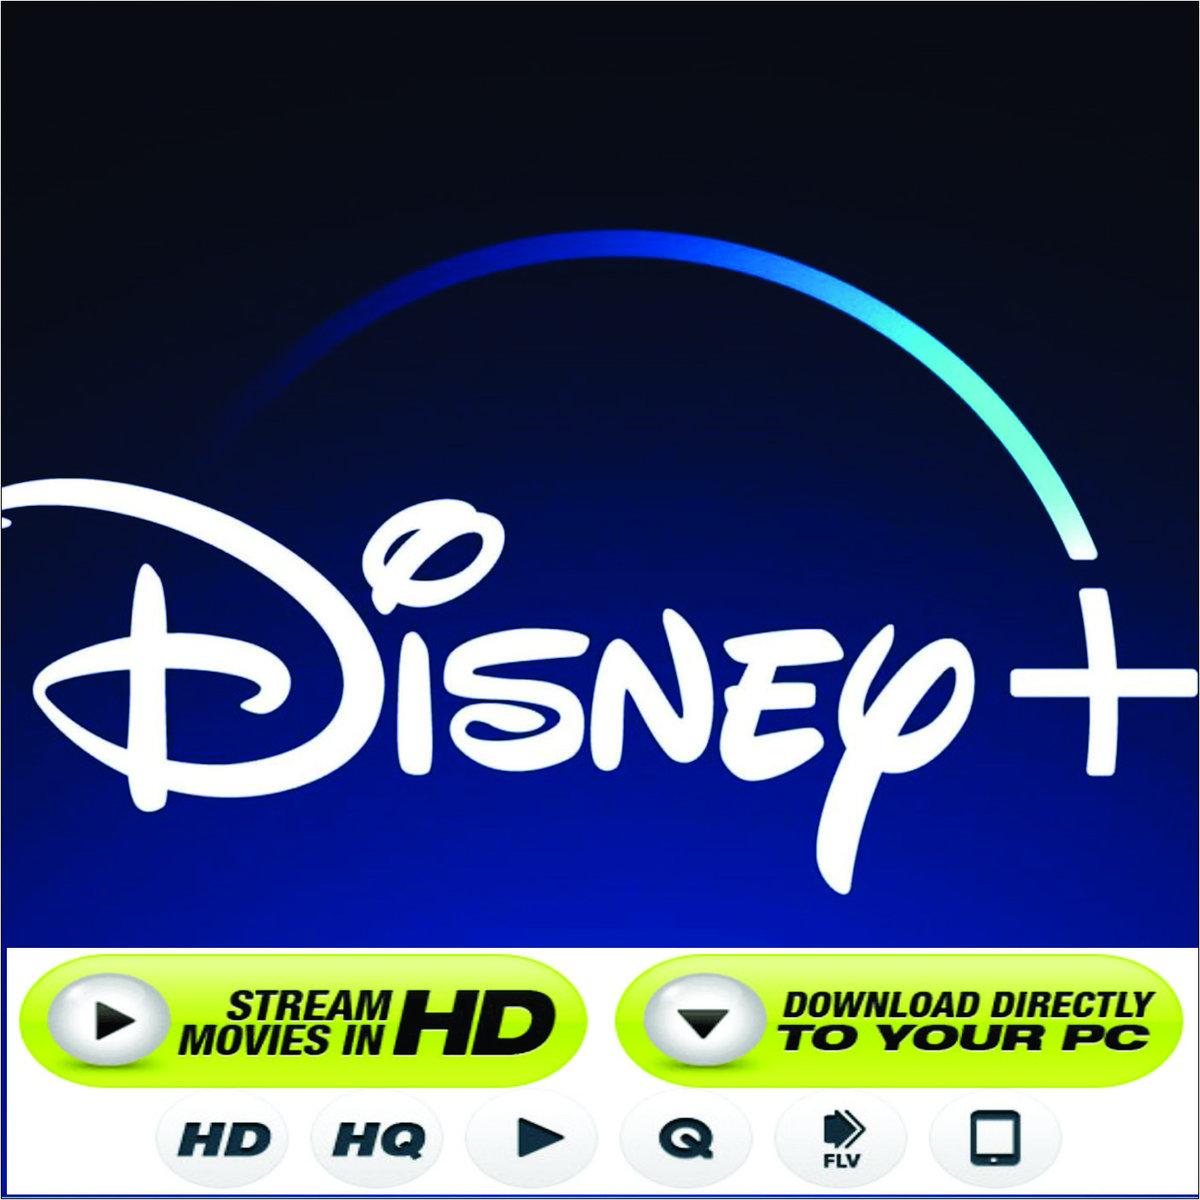 Full Watch Stuart Little 2 2002 Online Hd Full Movie Free Watch Film Full Online